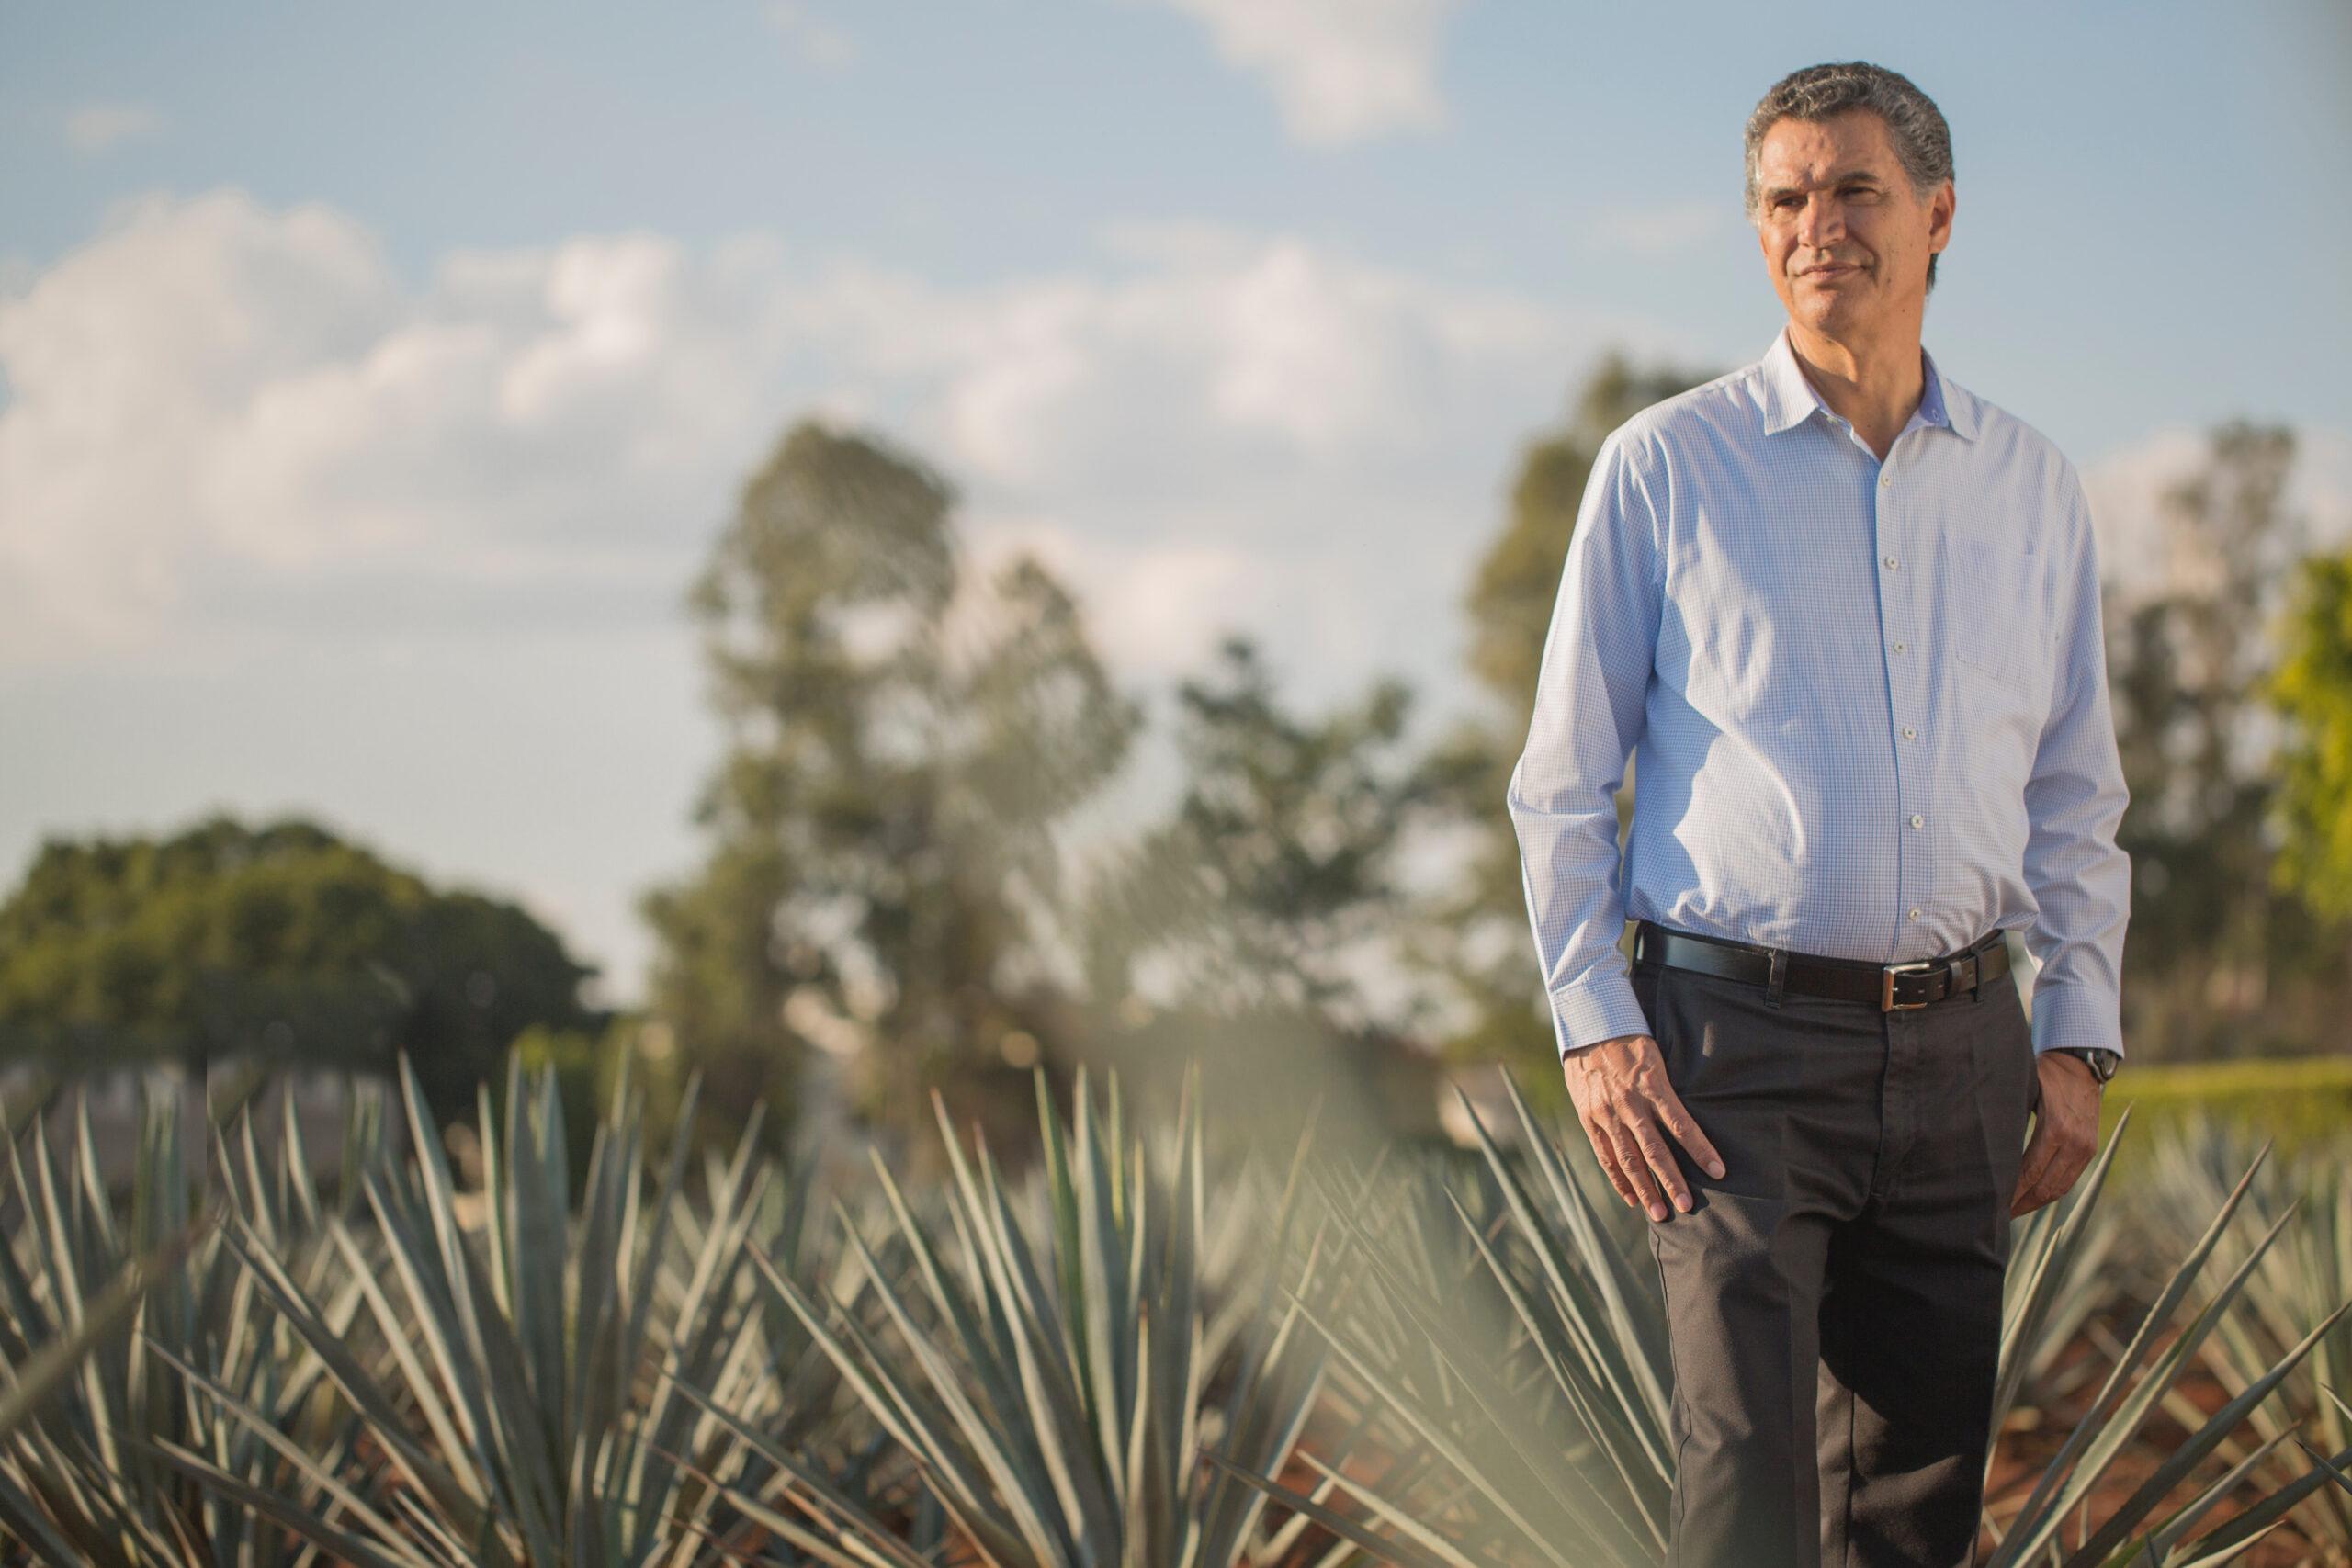 「Olmeca(オルメカ)」及び「Olmeca Altos(オルメカ アルトス)」のマスターディスティラーJesus Hernandez(ヘスス・ヘルナンデス)氏